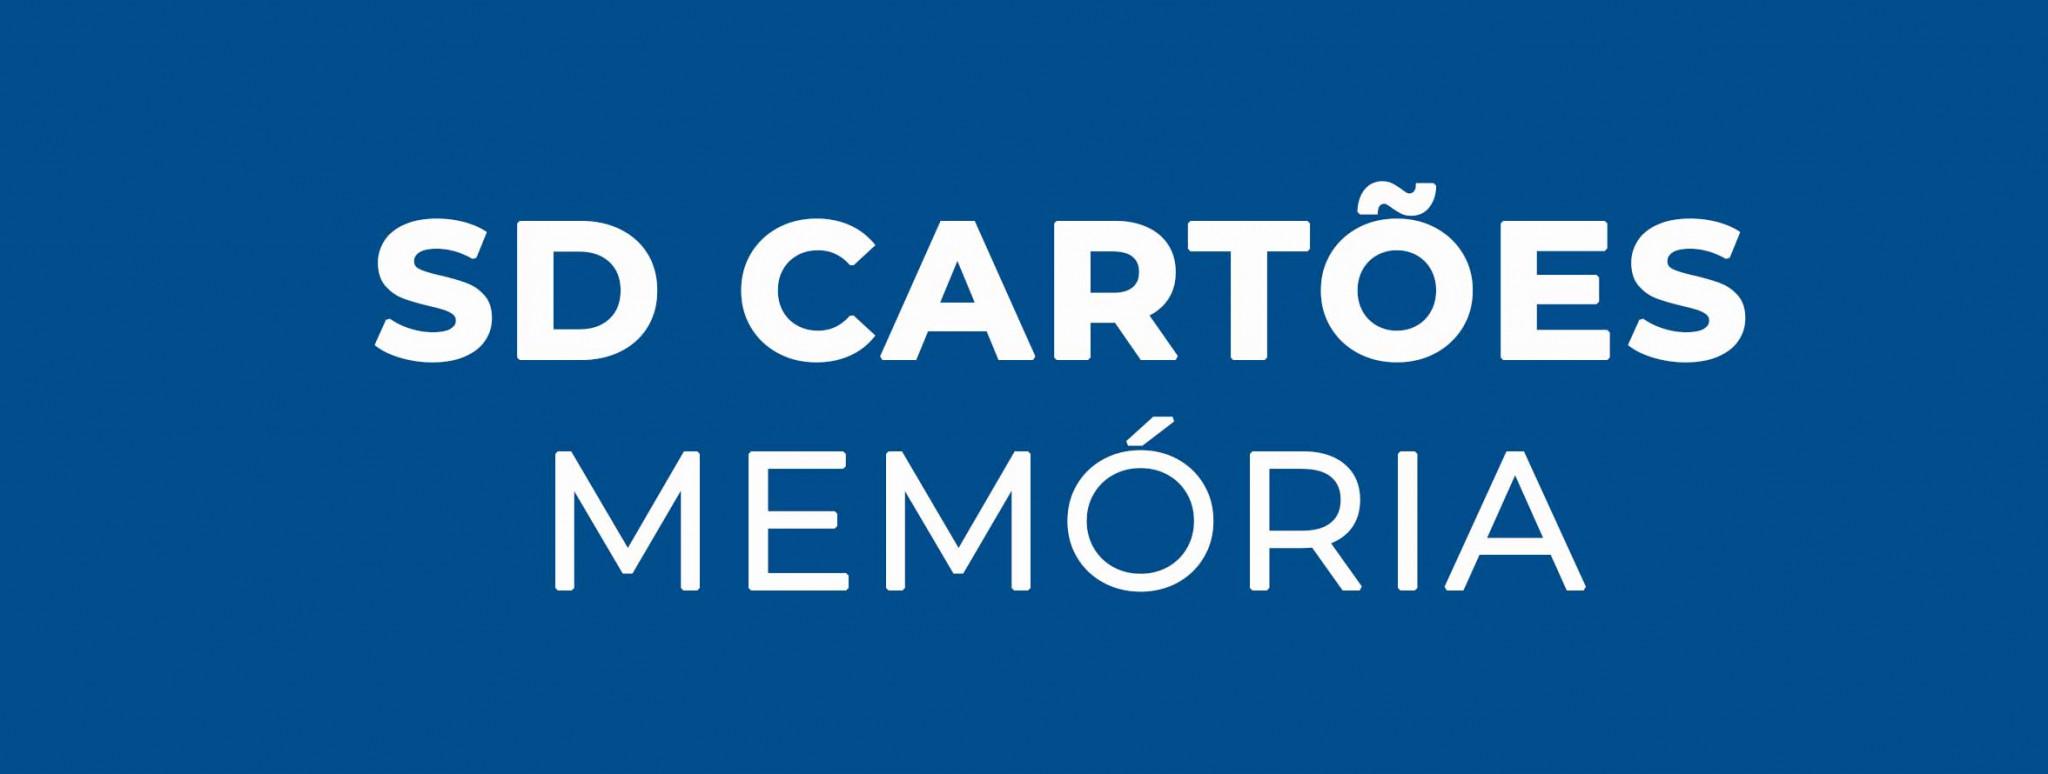 SD Cartões Memória